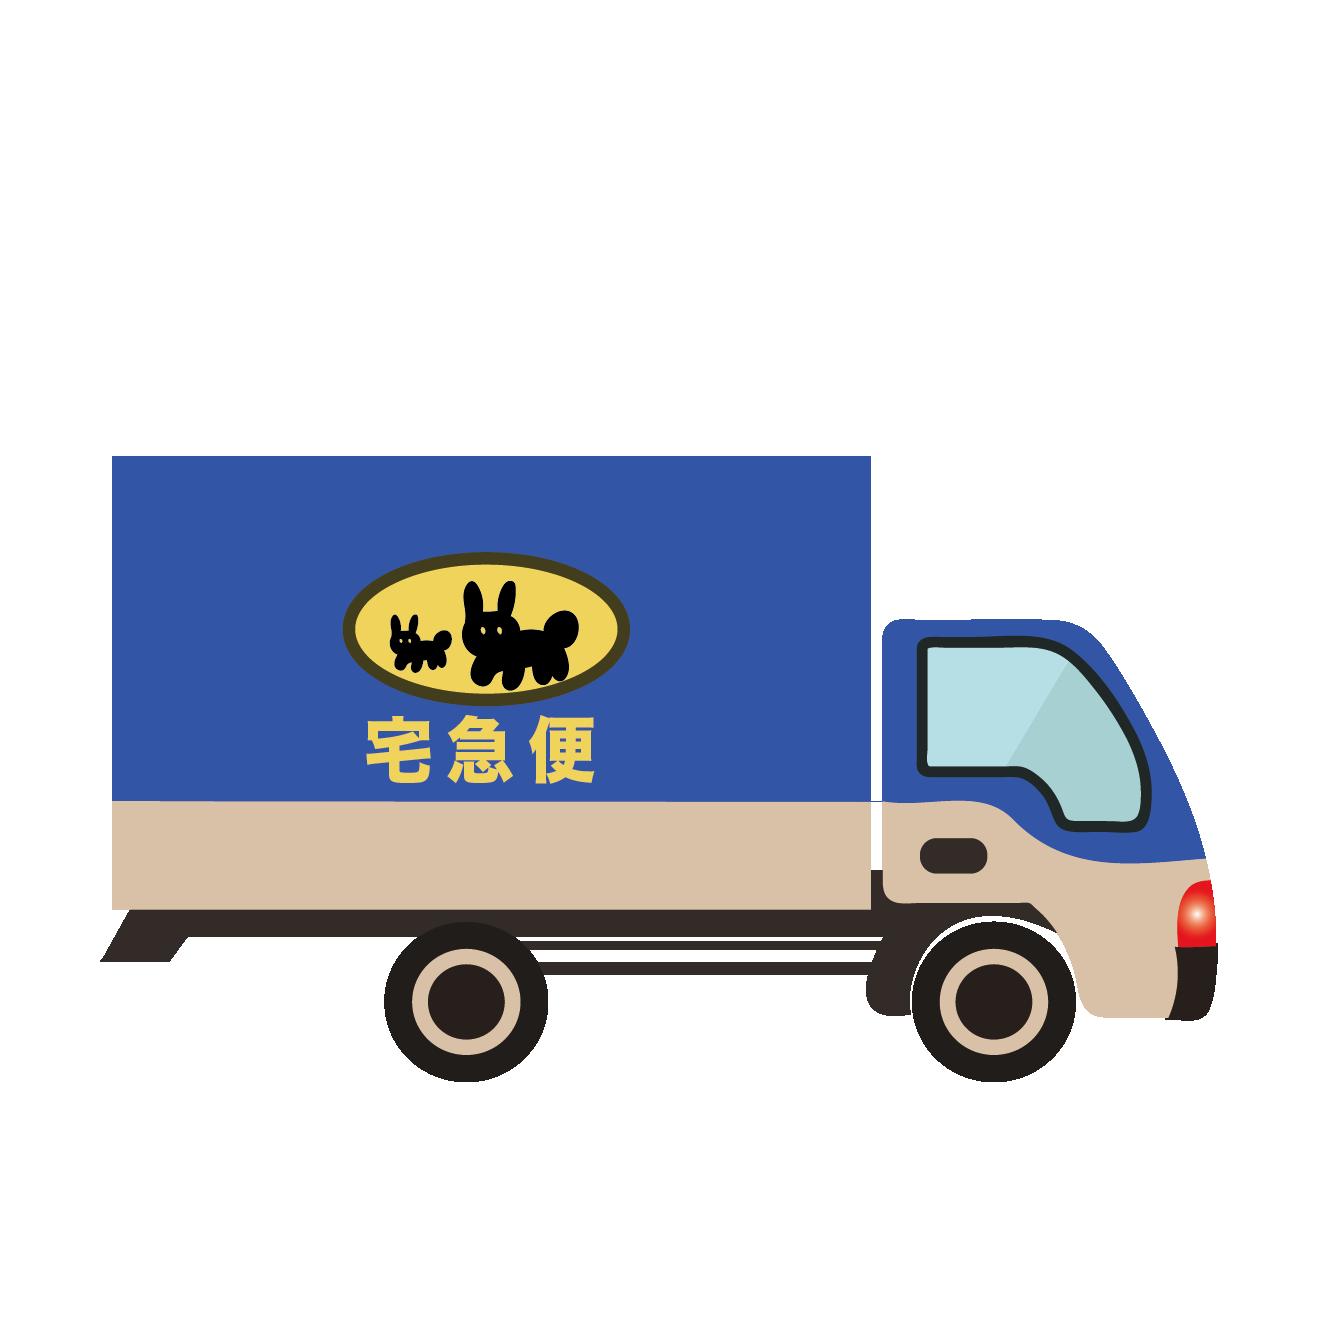 宅急便のトラック イラスト うさぎマークの宅急便 商用フリー無料